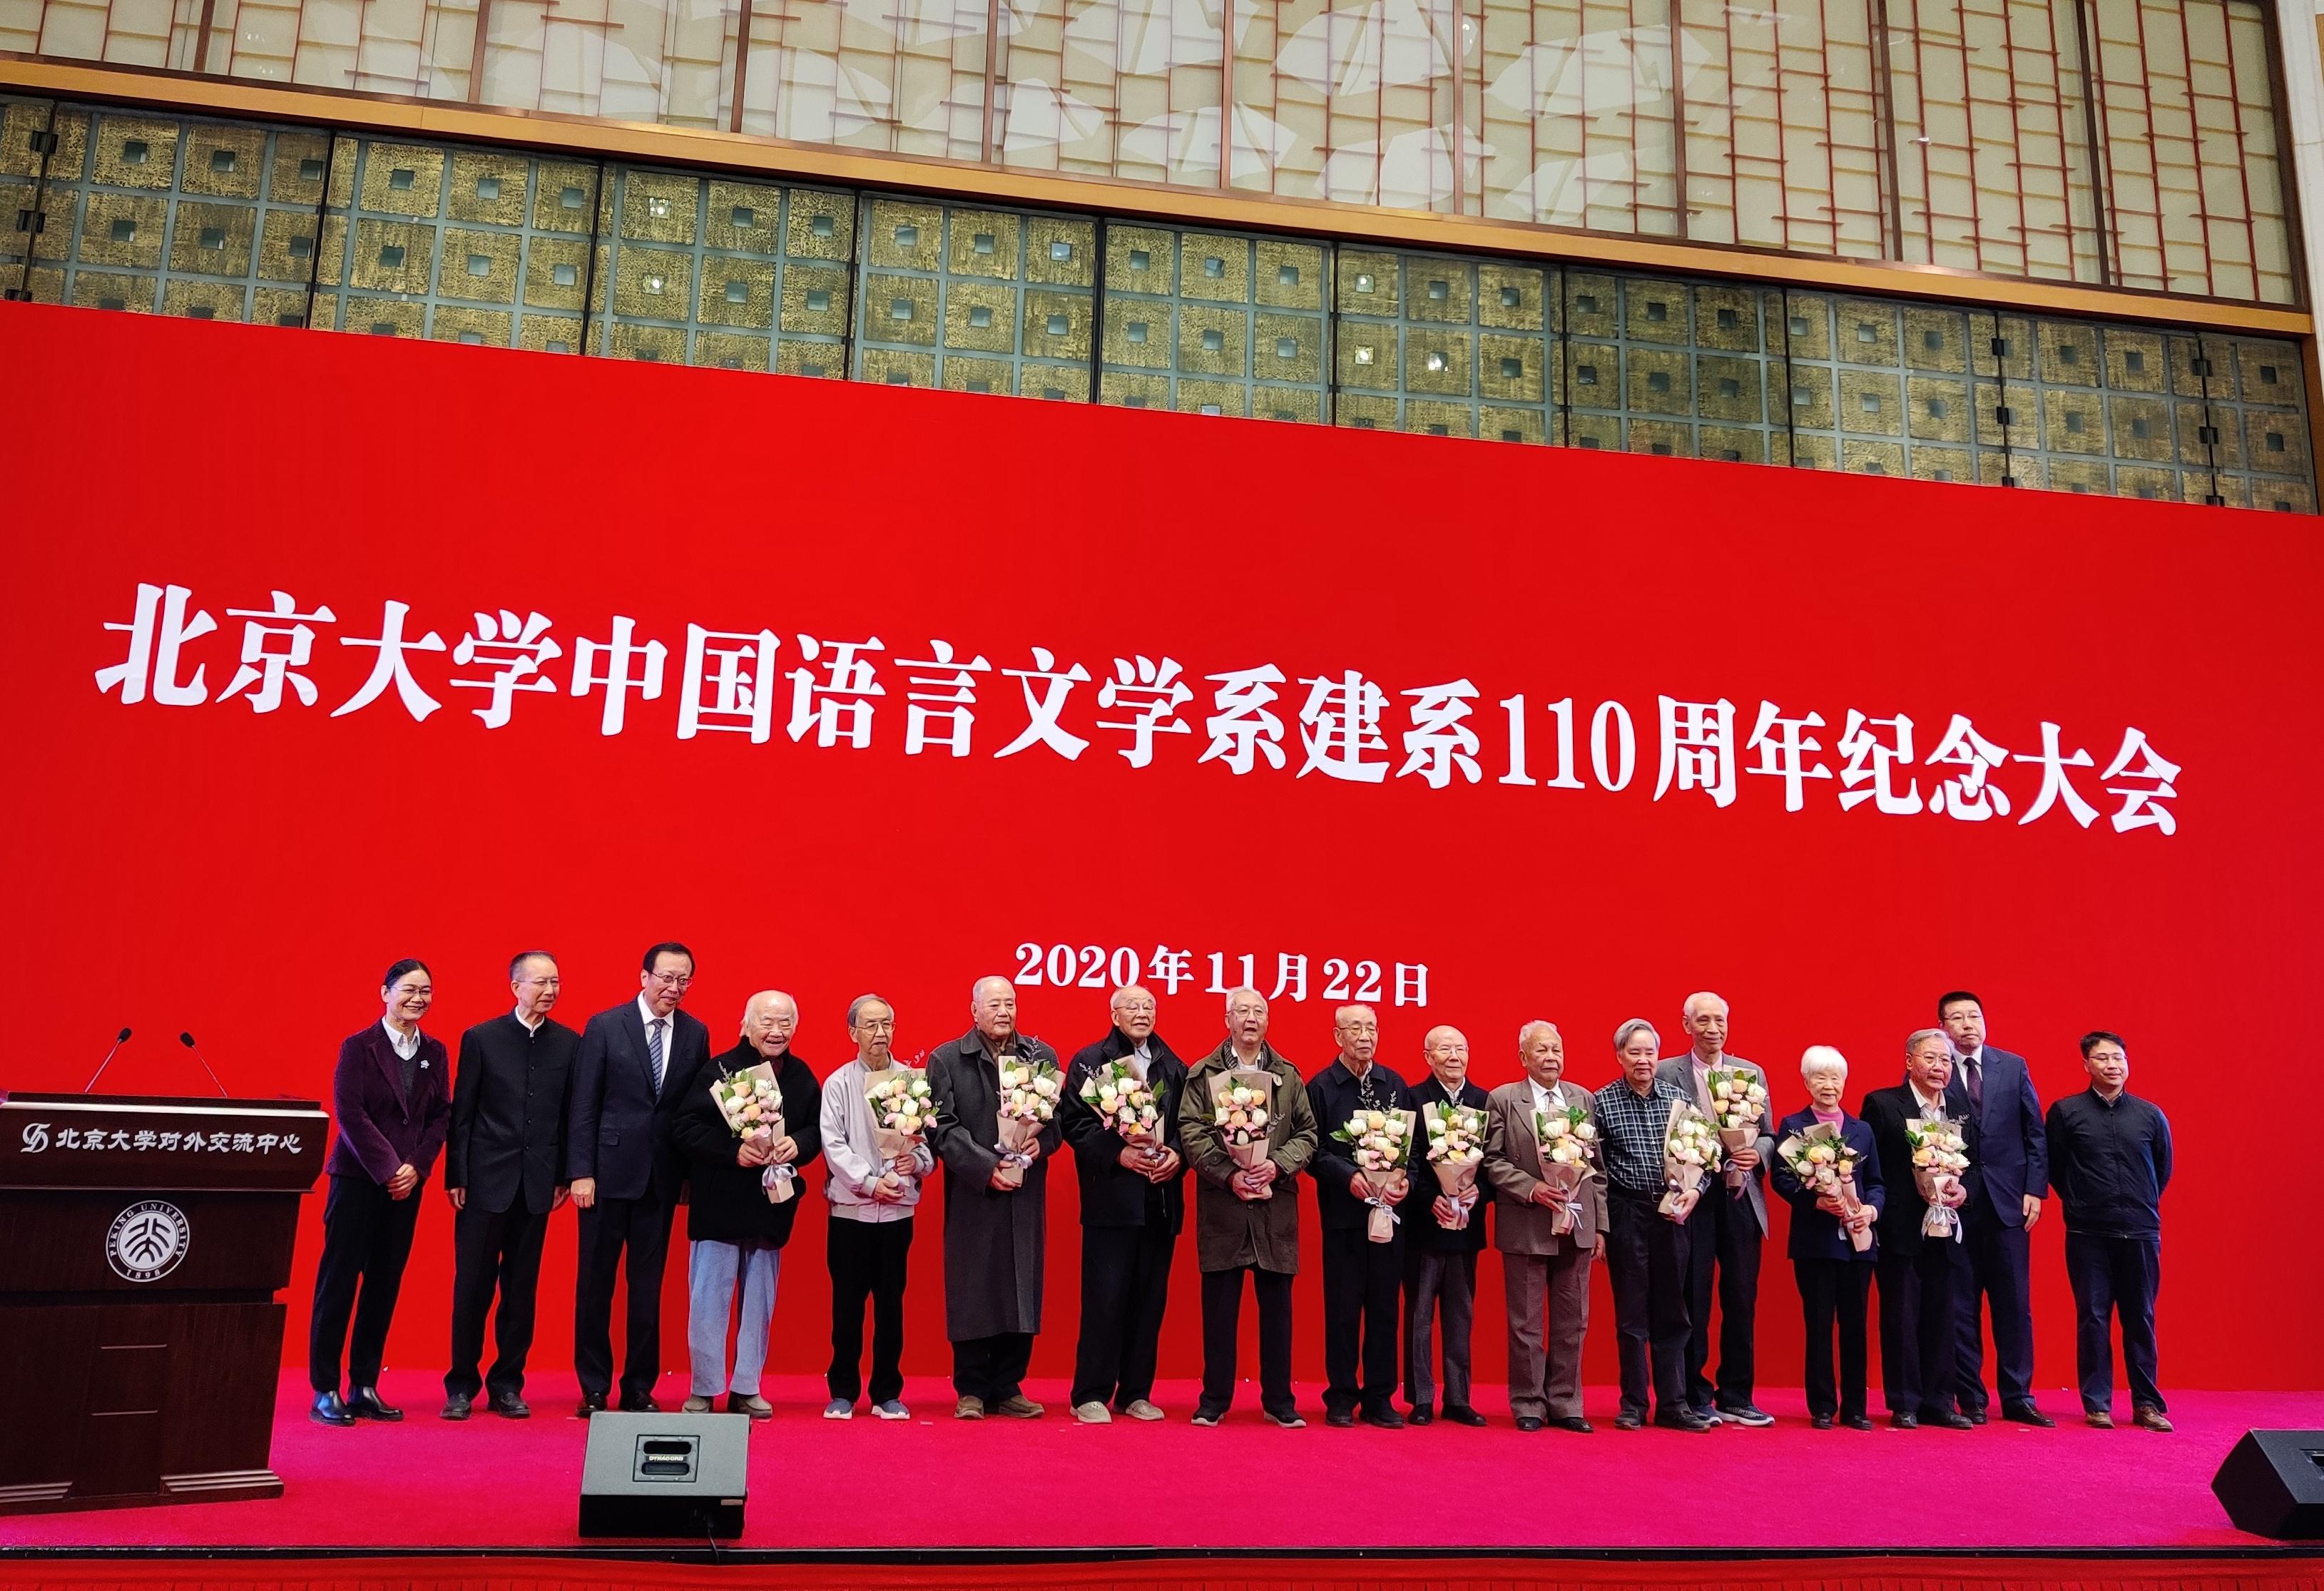 北大中文系老教授代表在纪念大会上接受献花。本文图片 澎湃新闻记者 程婷